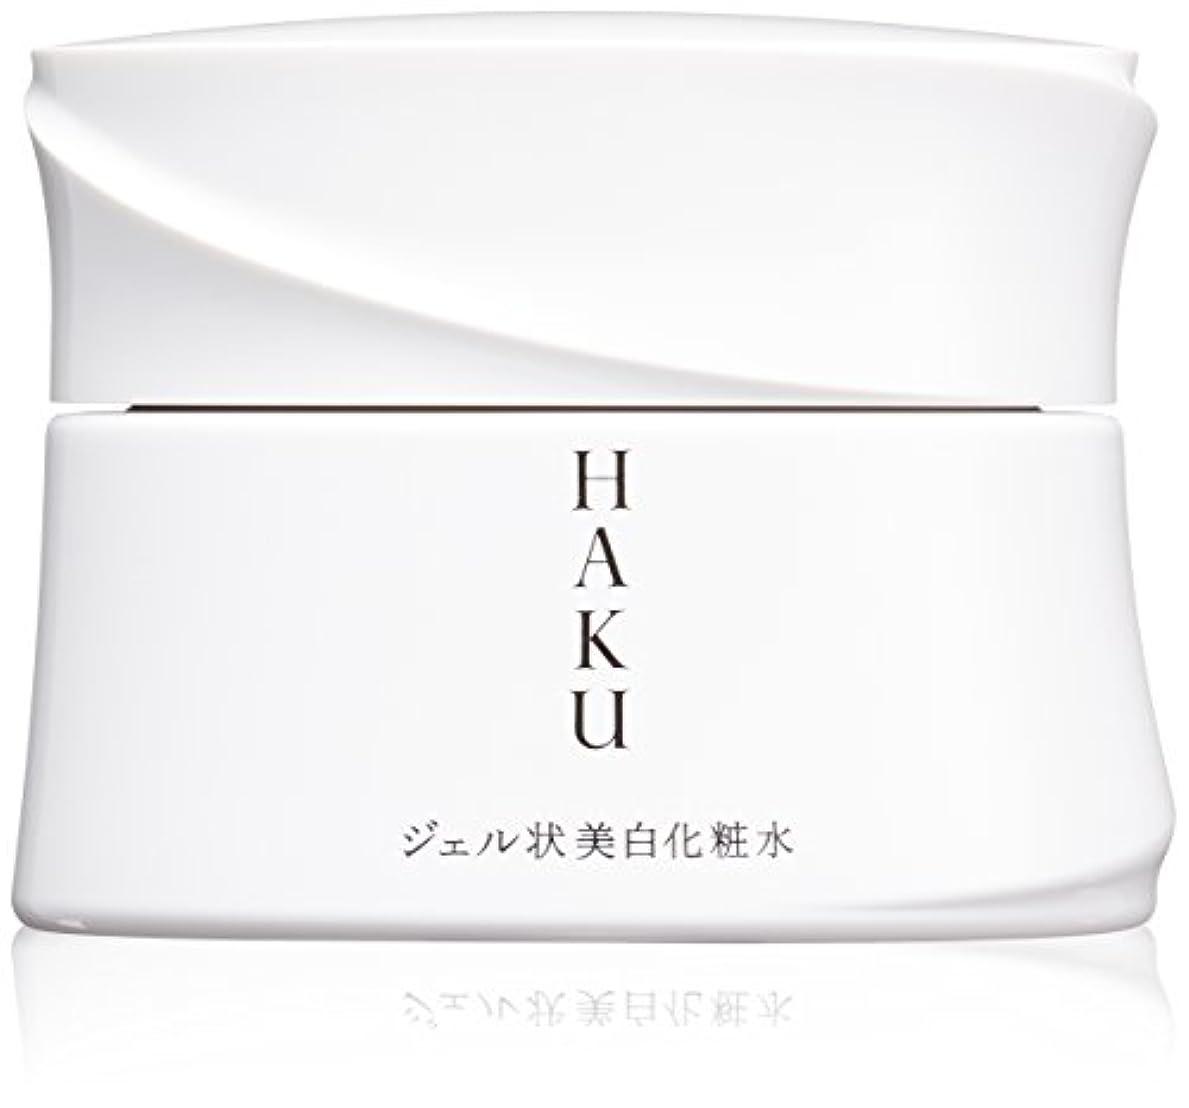 トレイル十年対称HAKU メラノディープモイスチャー 美白化粧水 100g 【医薬部外品】